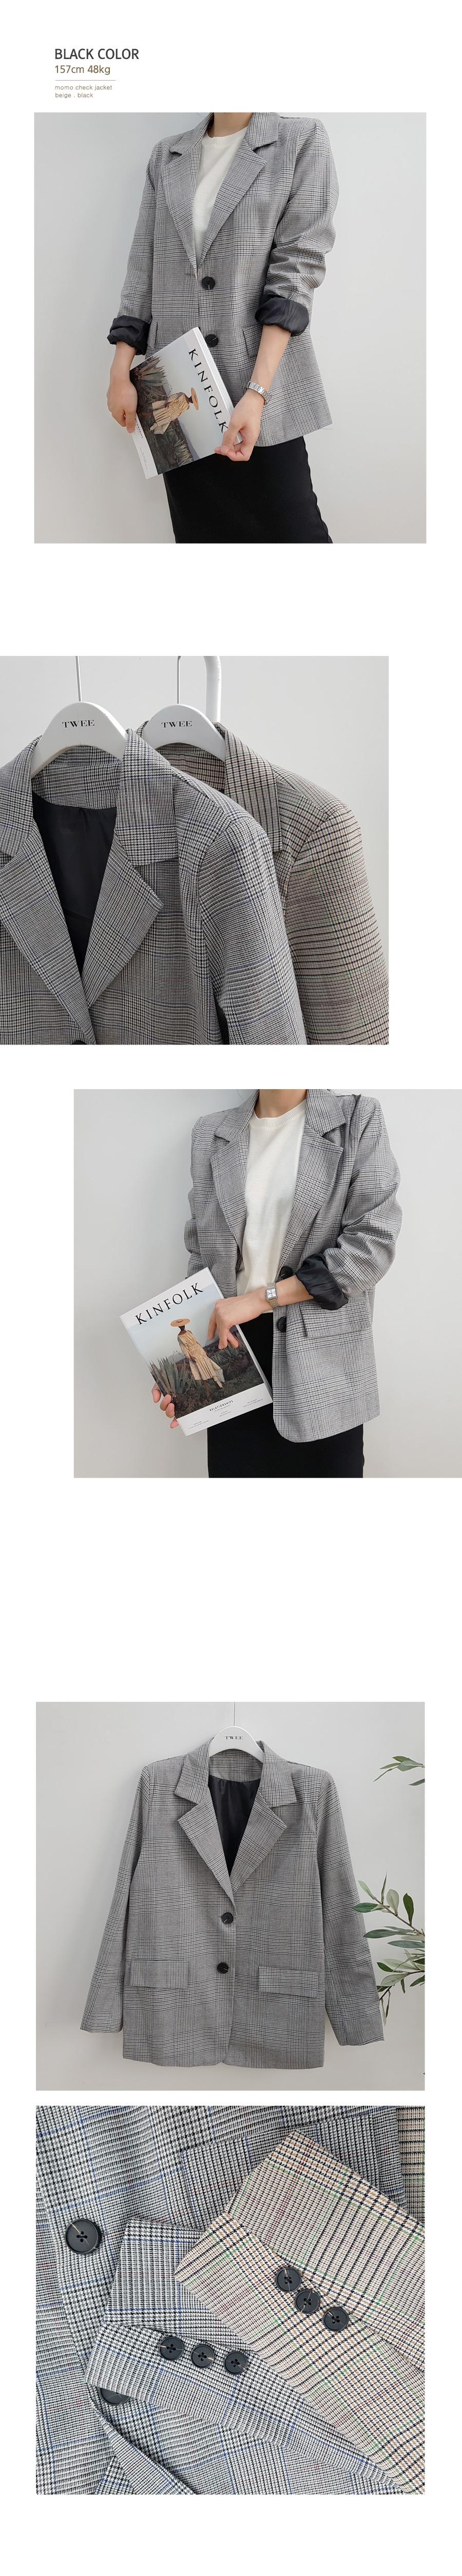 Momo check jacket